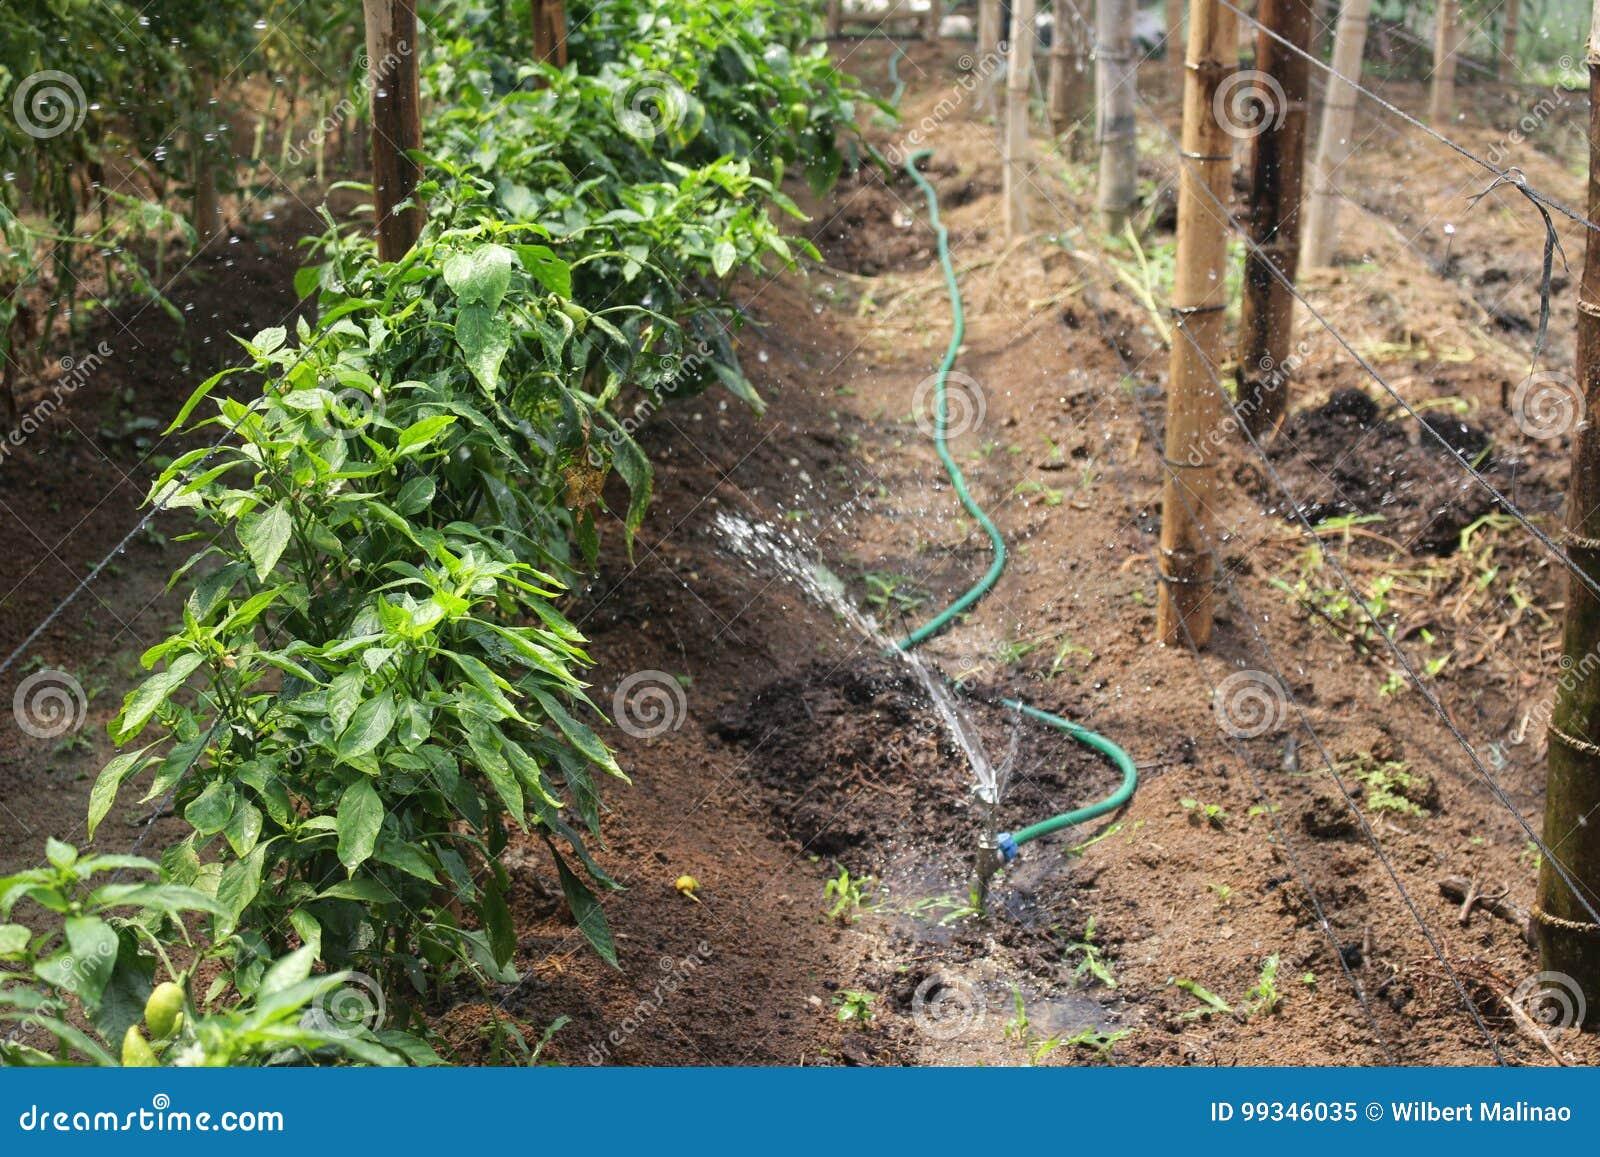 De het water geven technologie die in het hoogland wordt ontwikkeld tuiniert